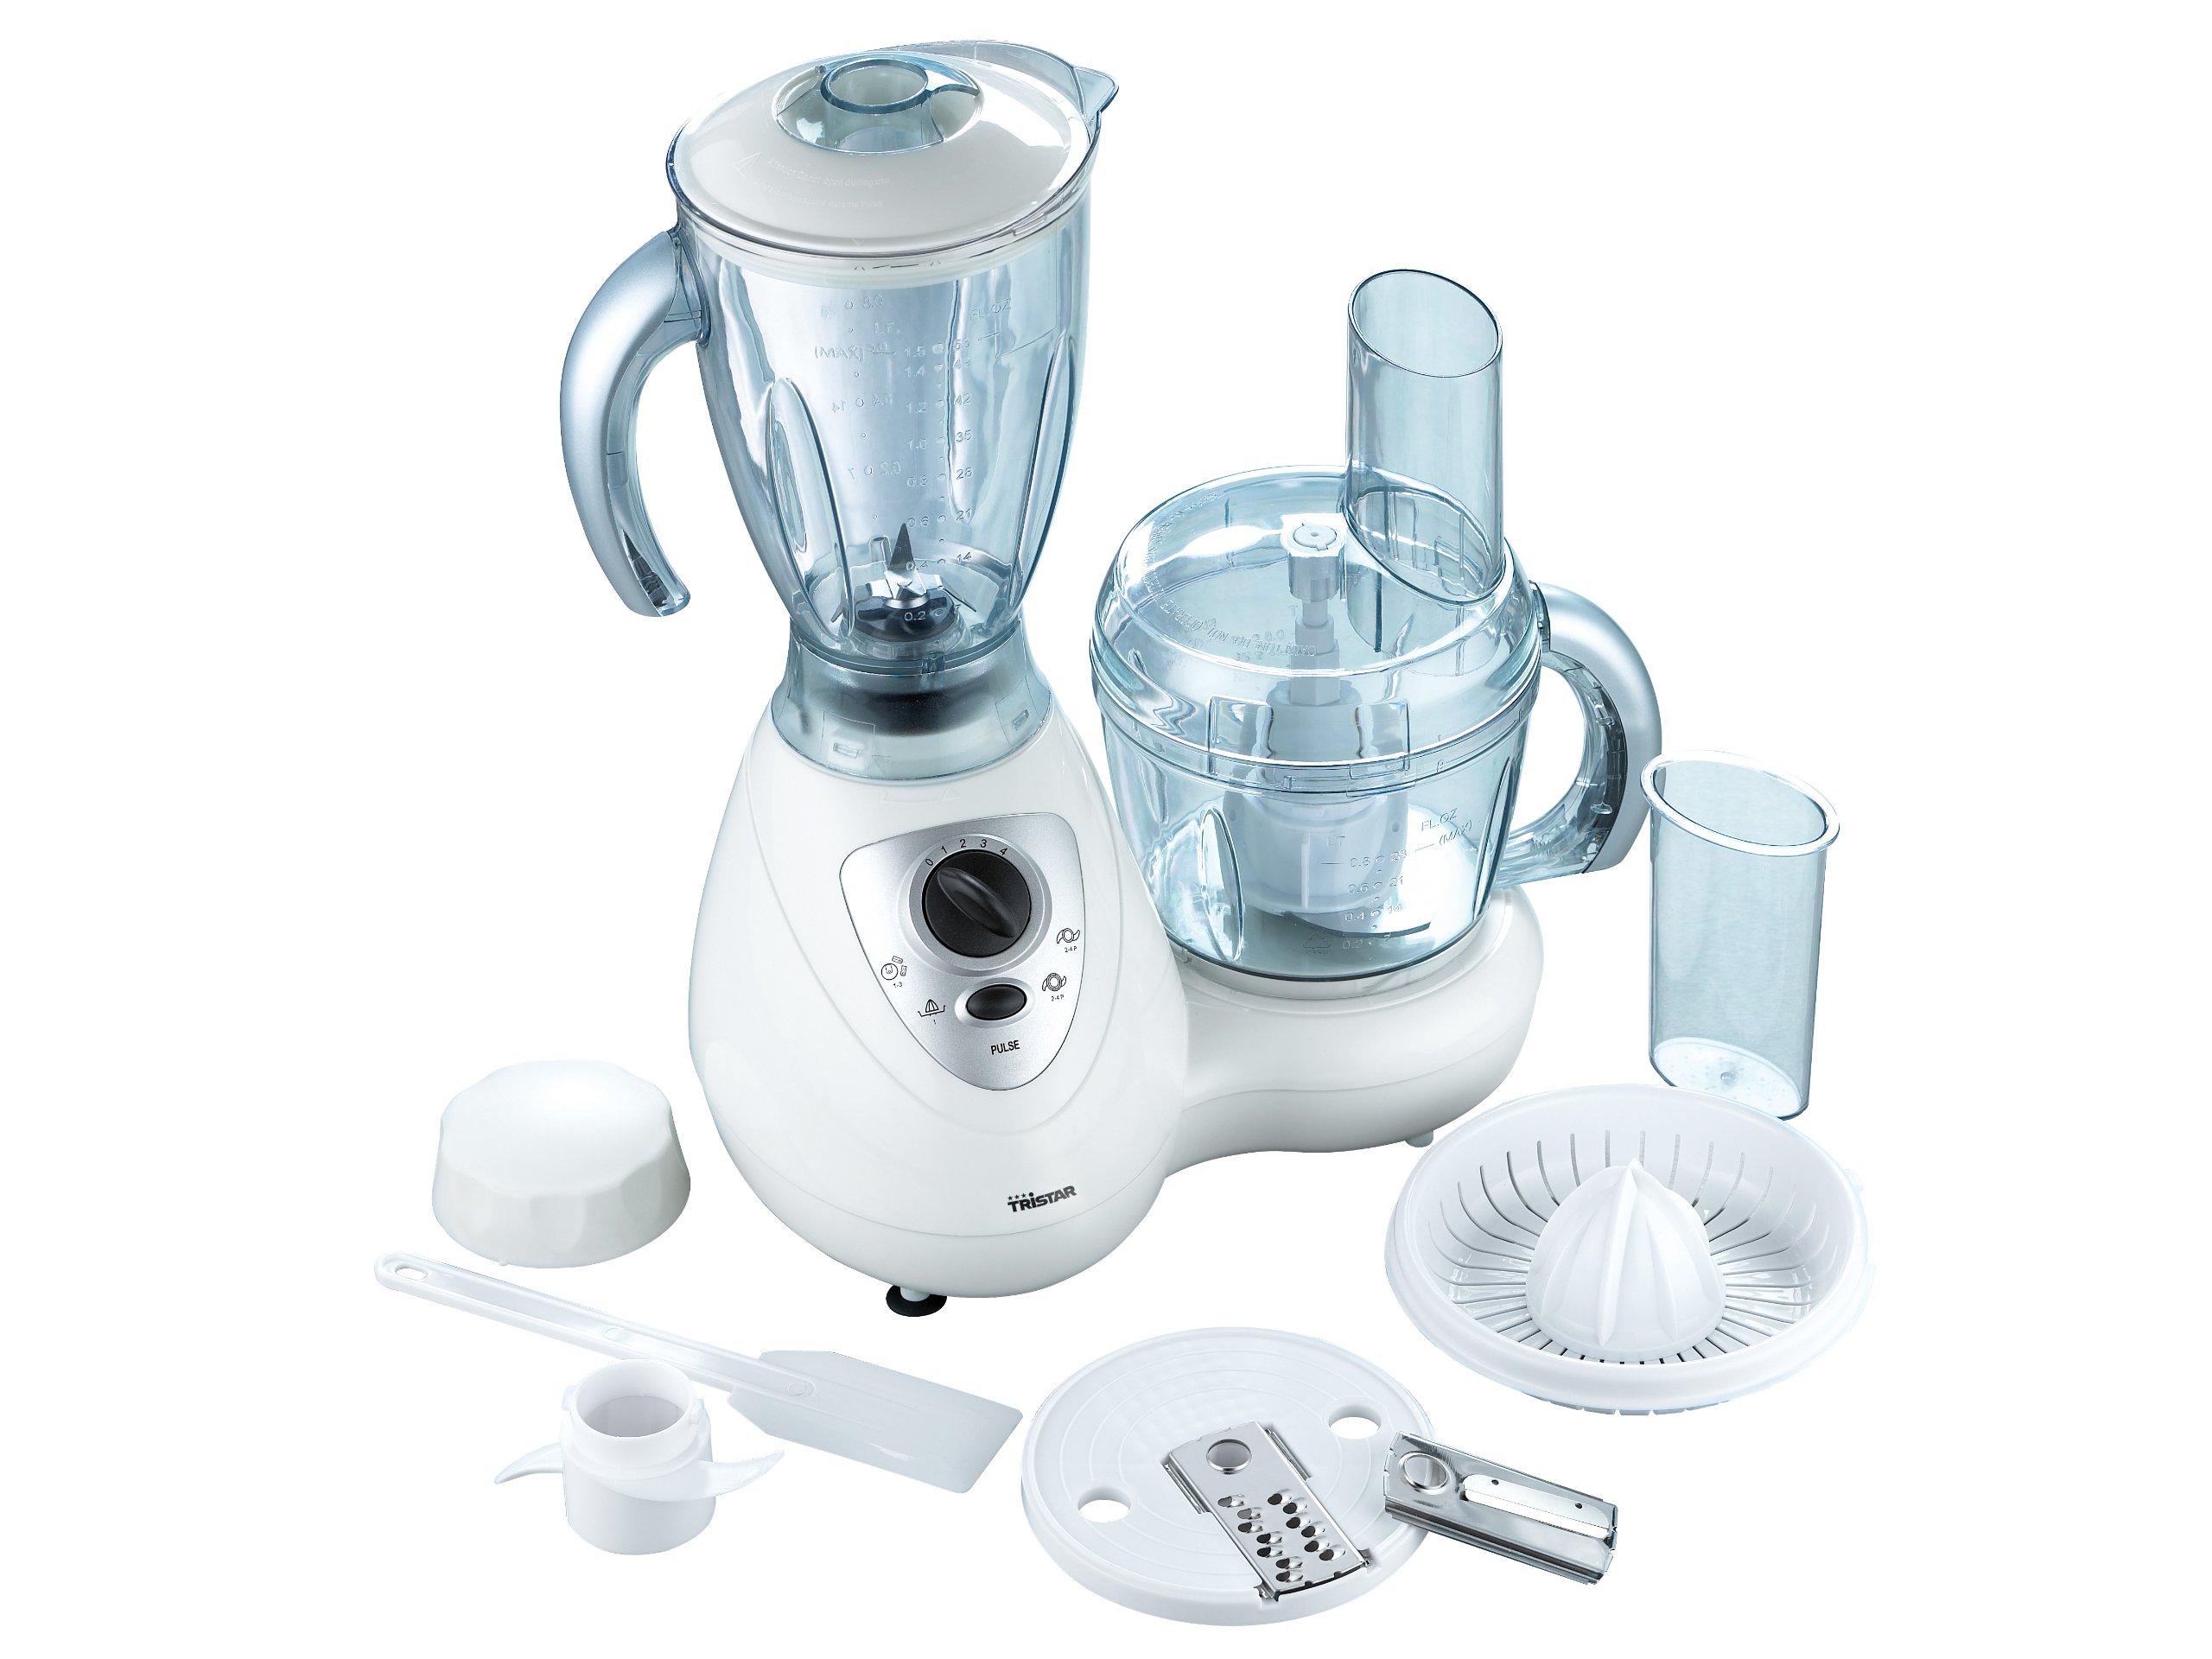 Tristar MX-4143 - Robot de cocina multifunción con batidora de vaso, 500 W: Amazon.es: Hogar